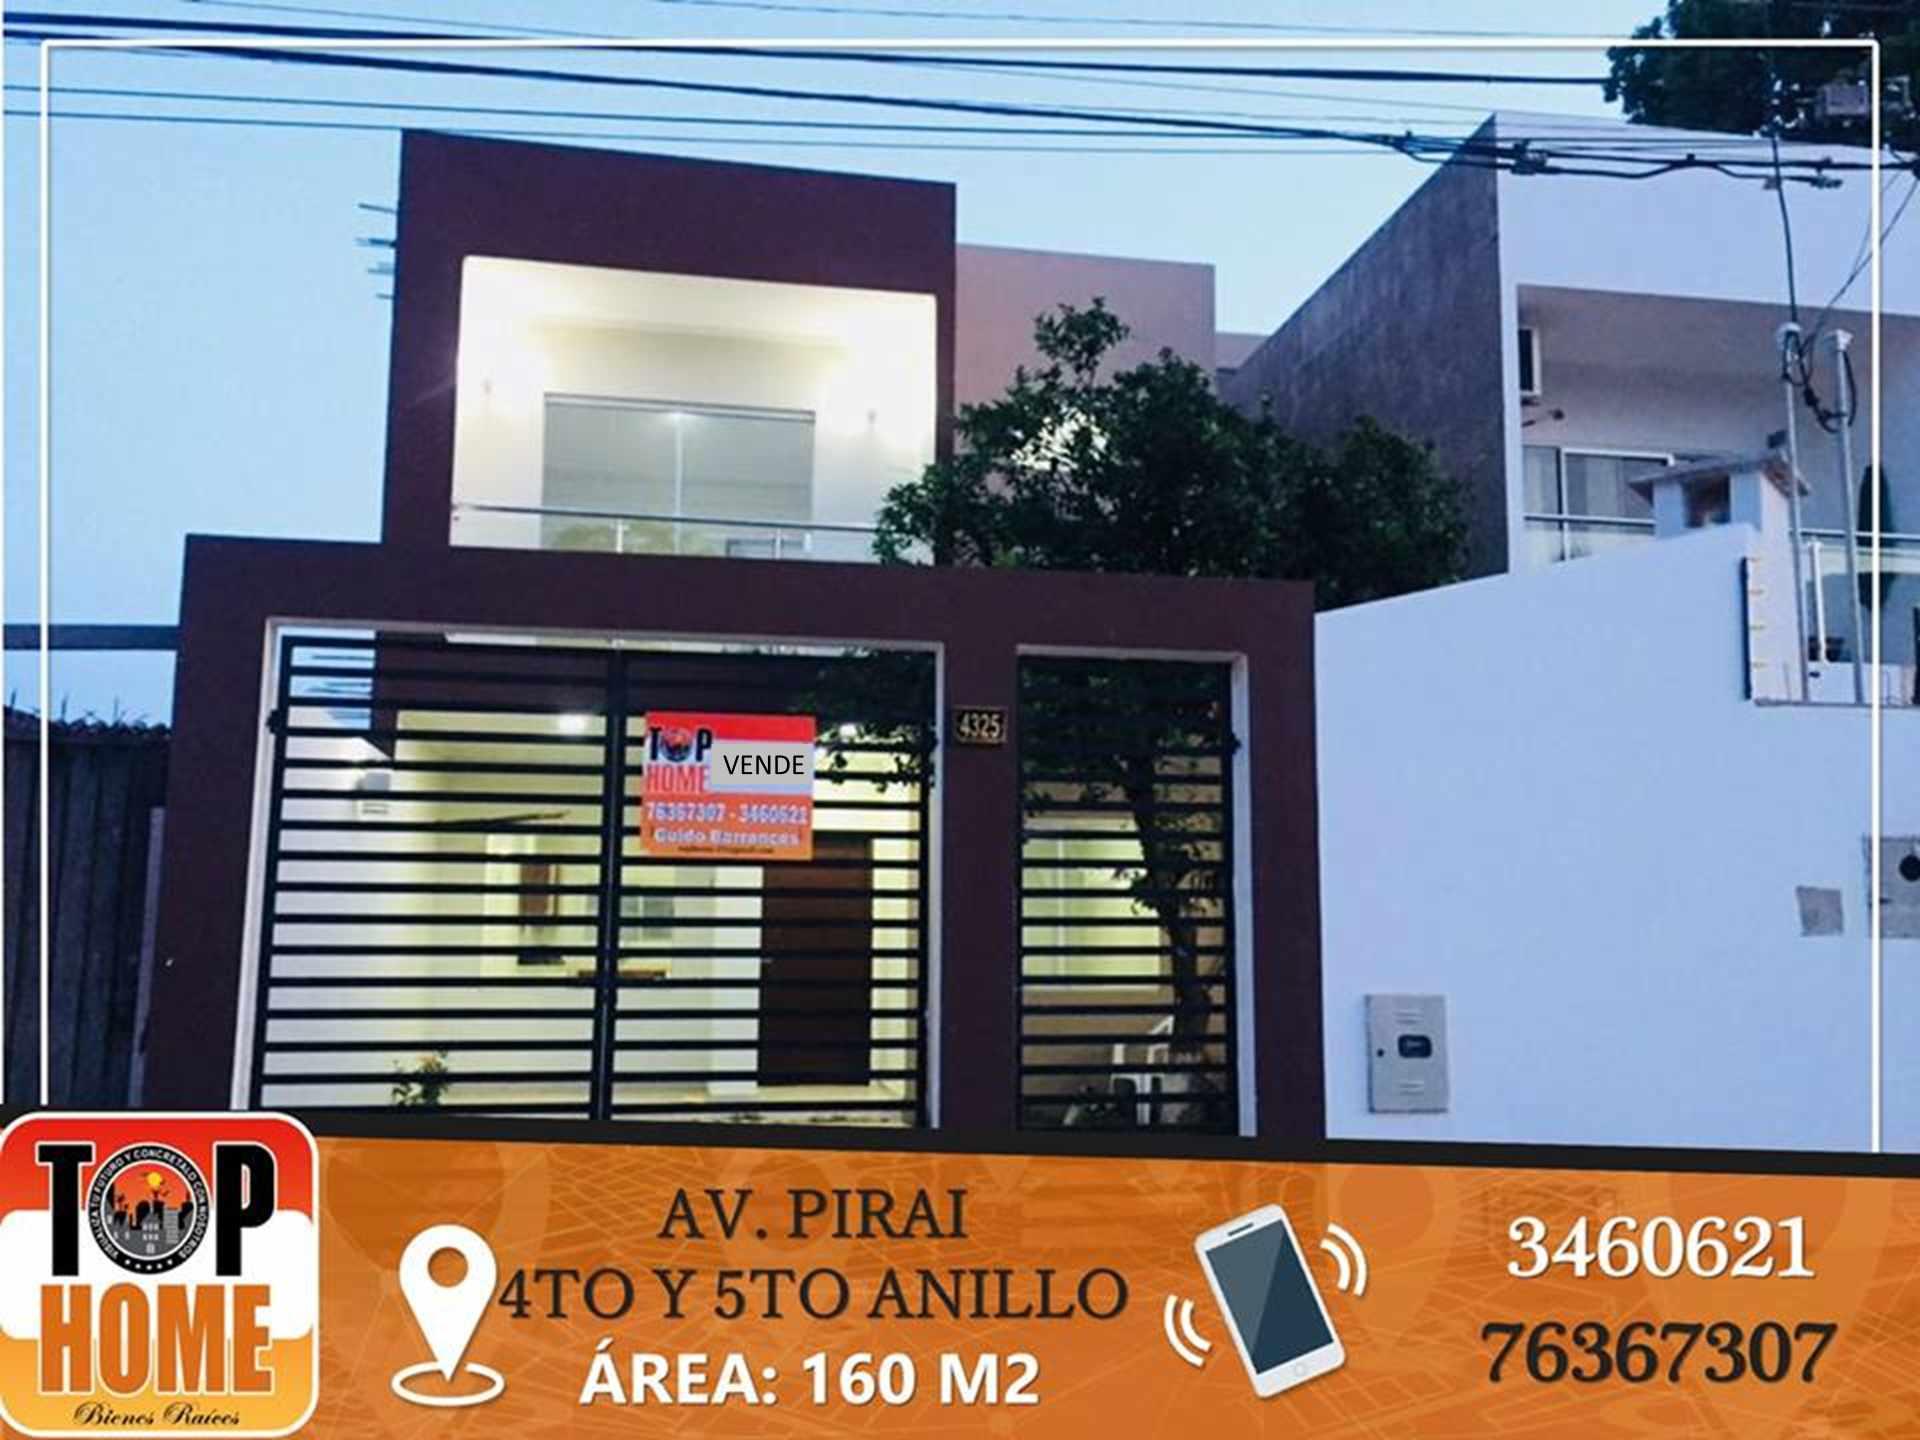 Casa en Venta AV PIRAI ENTRE 4TO Y 5TO ANILLO Foto 1